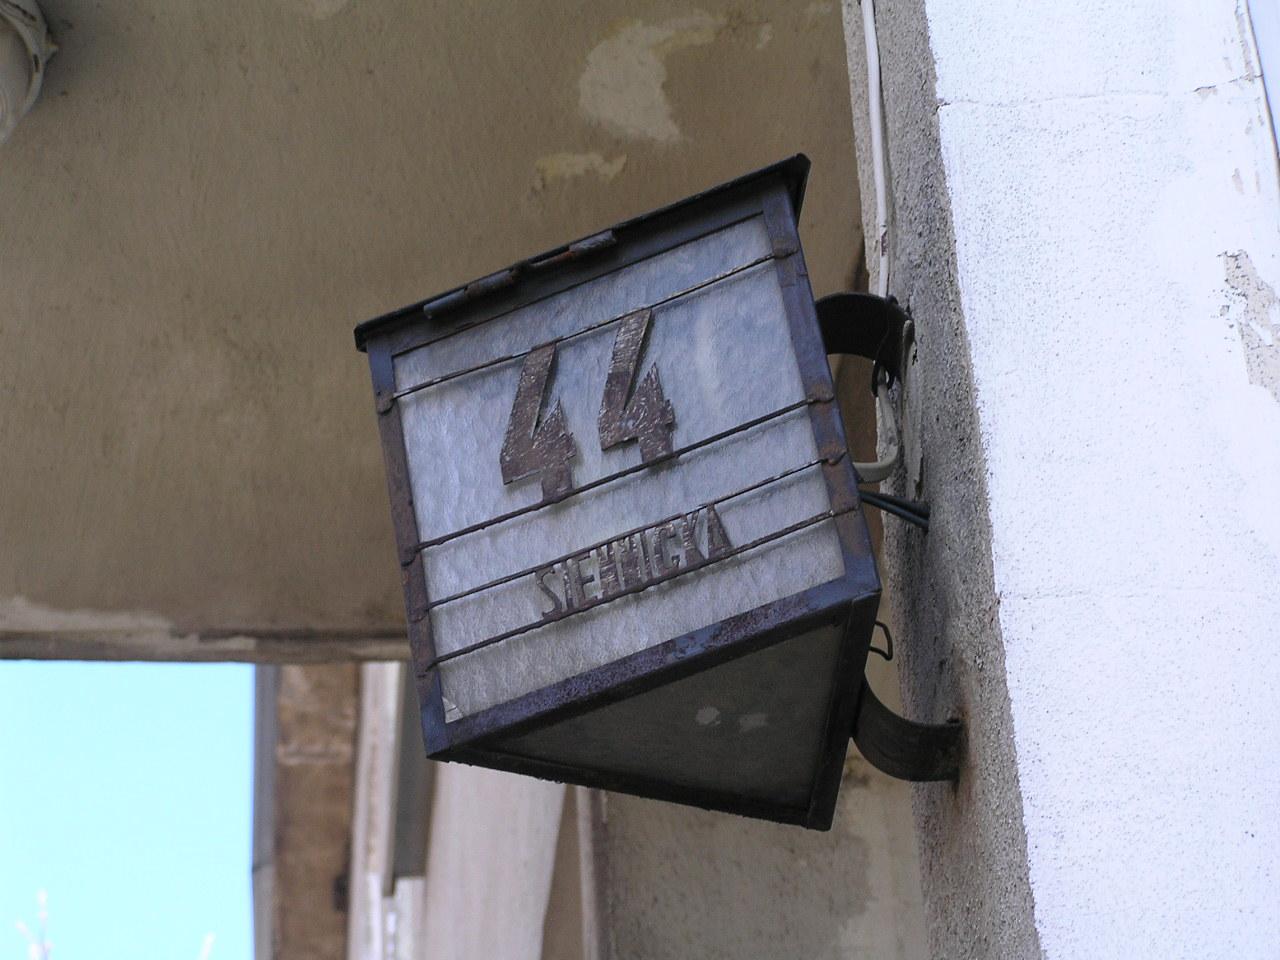 Latarenka adresowa przy ulicy Siennickiej 44 na Grochowie